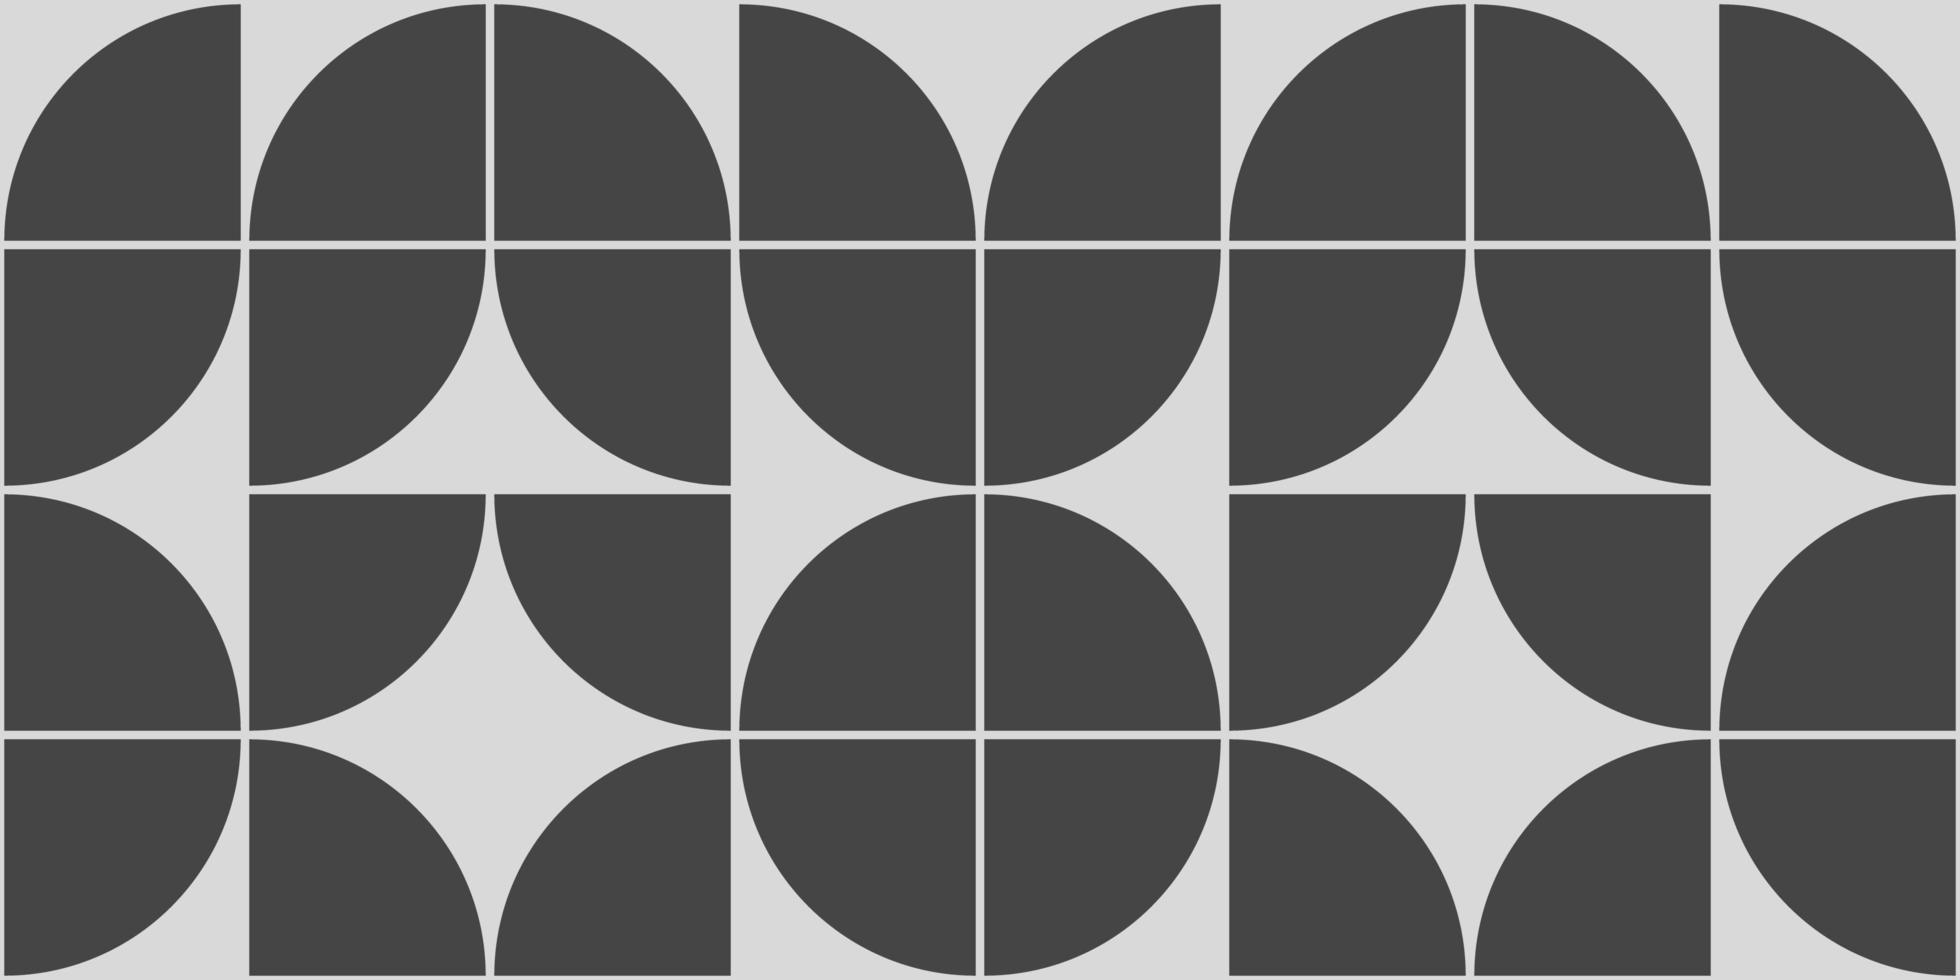 Disegni Geometrici Bianco E Nero forme geometriche curve in bianco e nero - scarica immagini